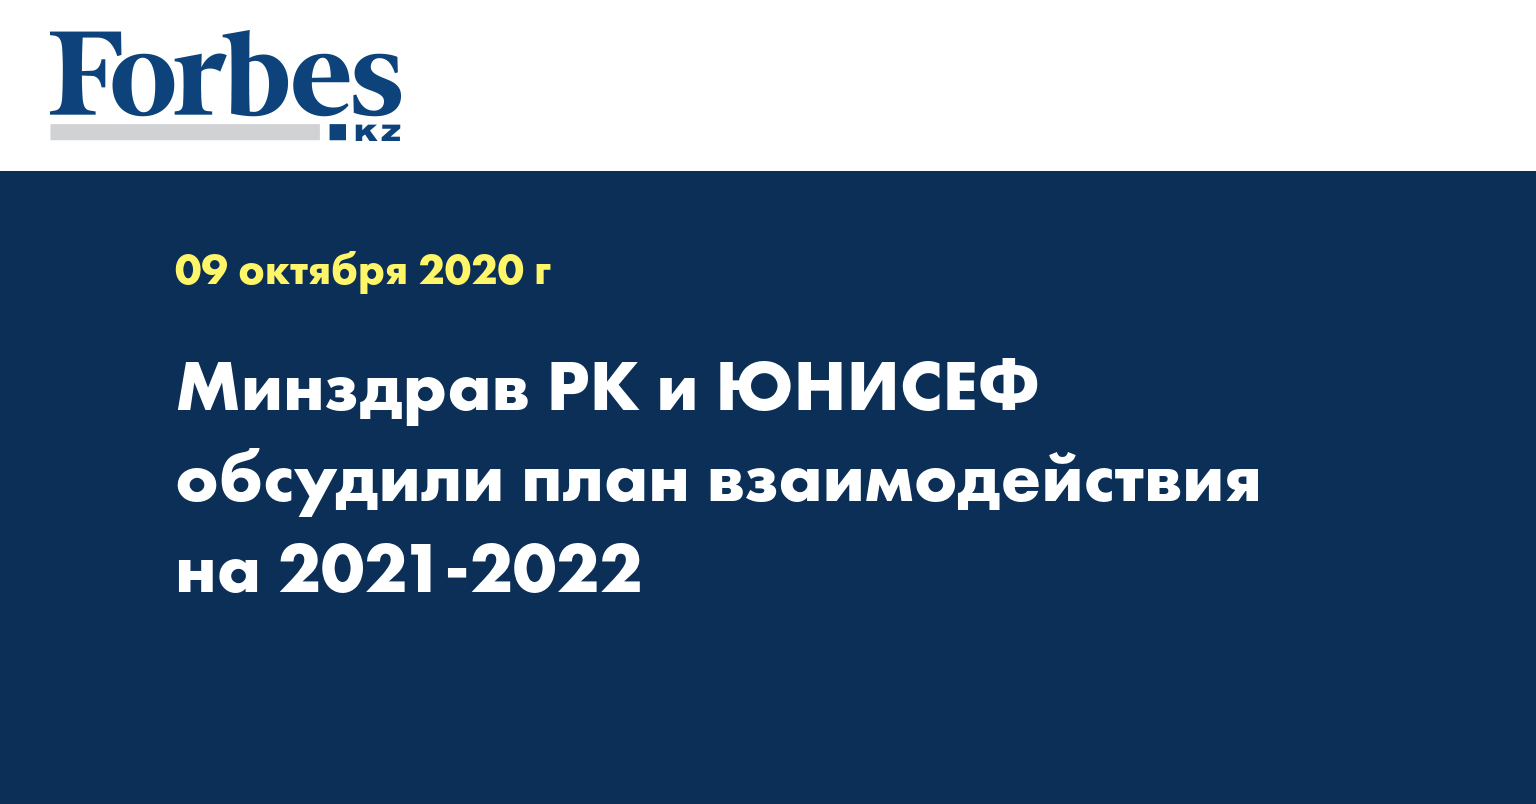 Минздрав РК и ЮНИСЕФ обсудили план взаимодействия на 2021-2022